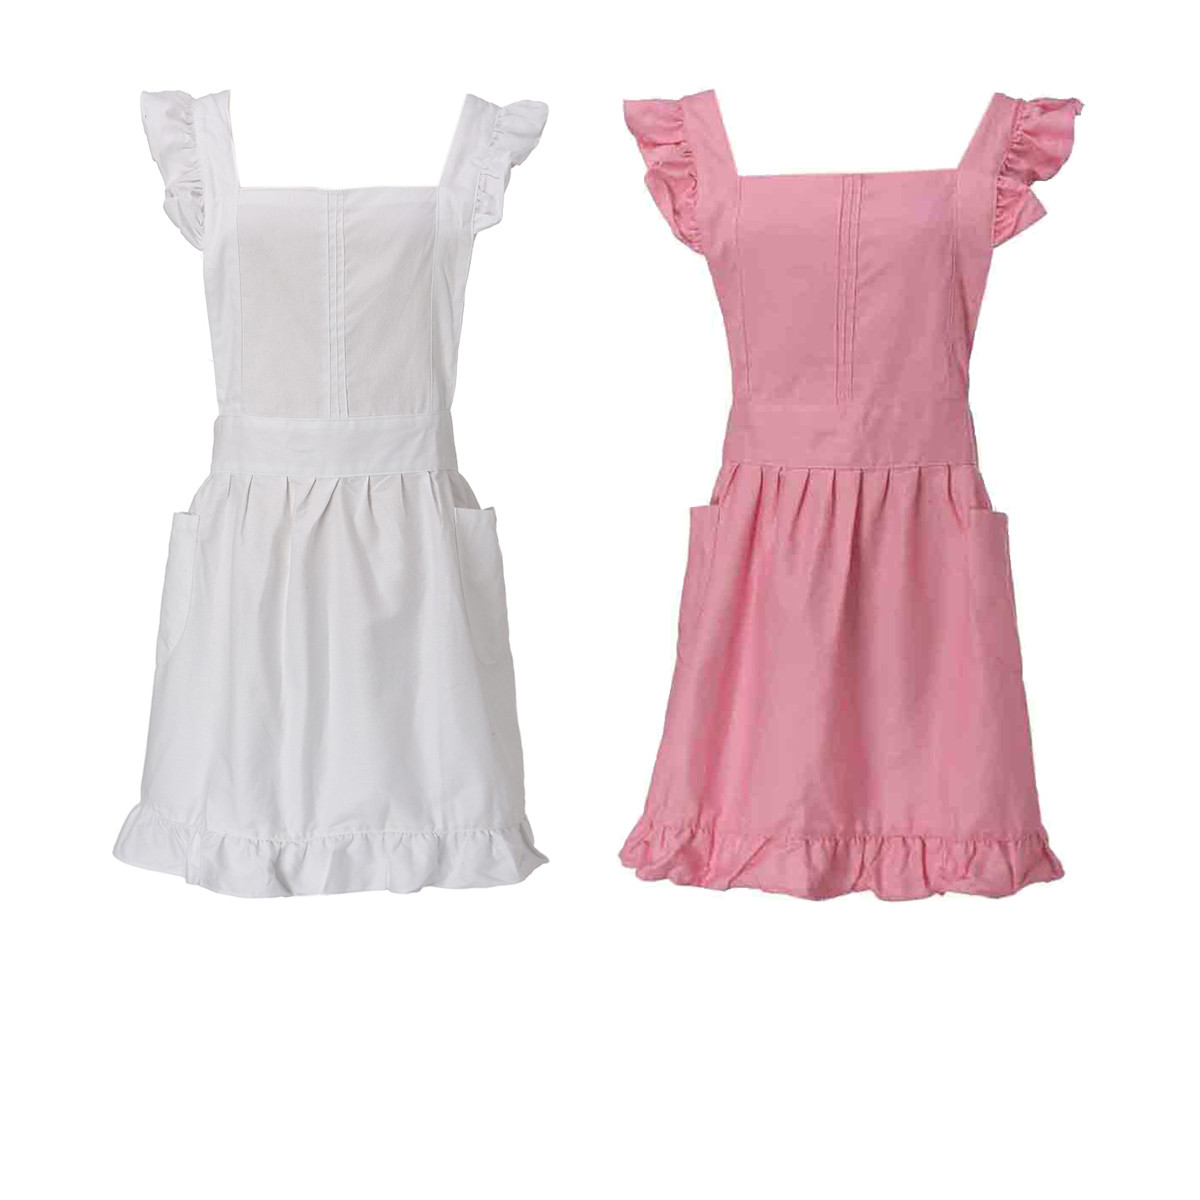 Buy white apron online - Cinderella Yang Victorian White Lace Bib Pinafore Apron Pembantu Alice Mrs Santa Putri Pedesaan Gaya Katun